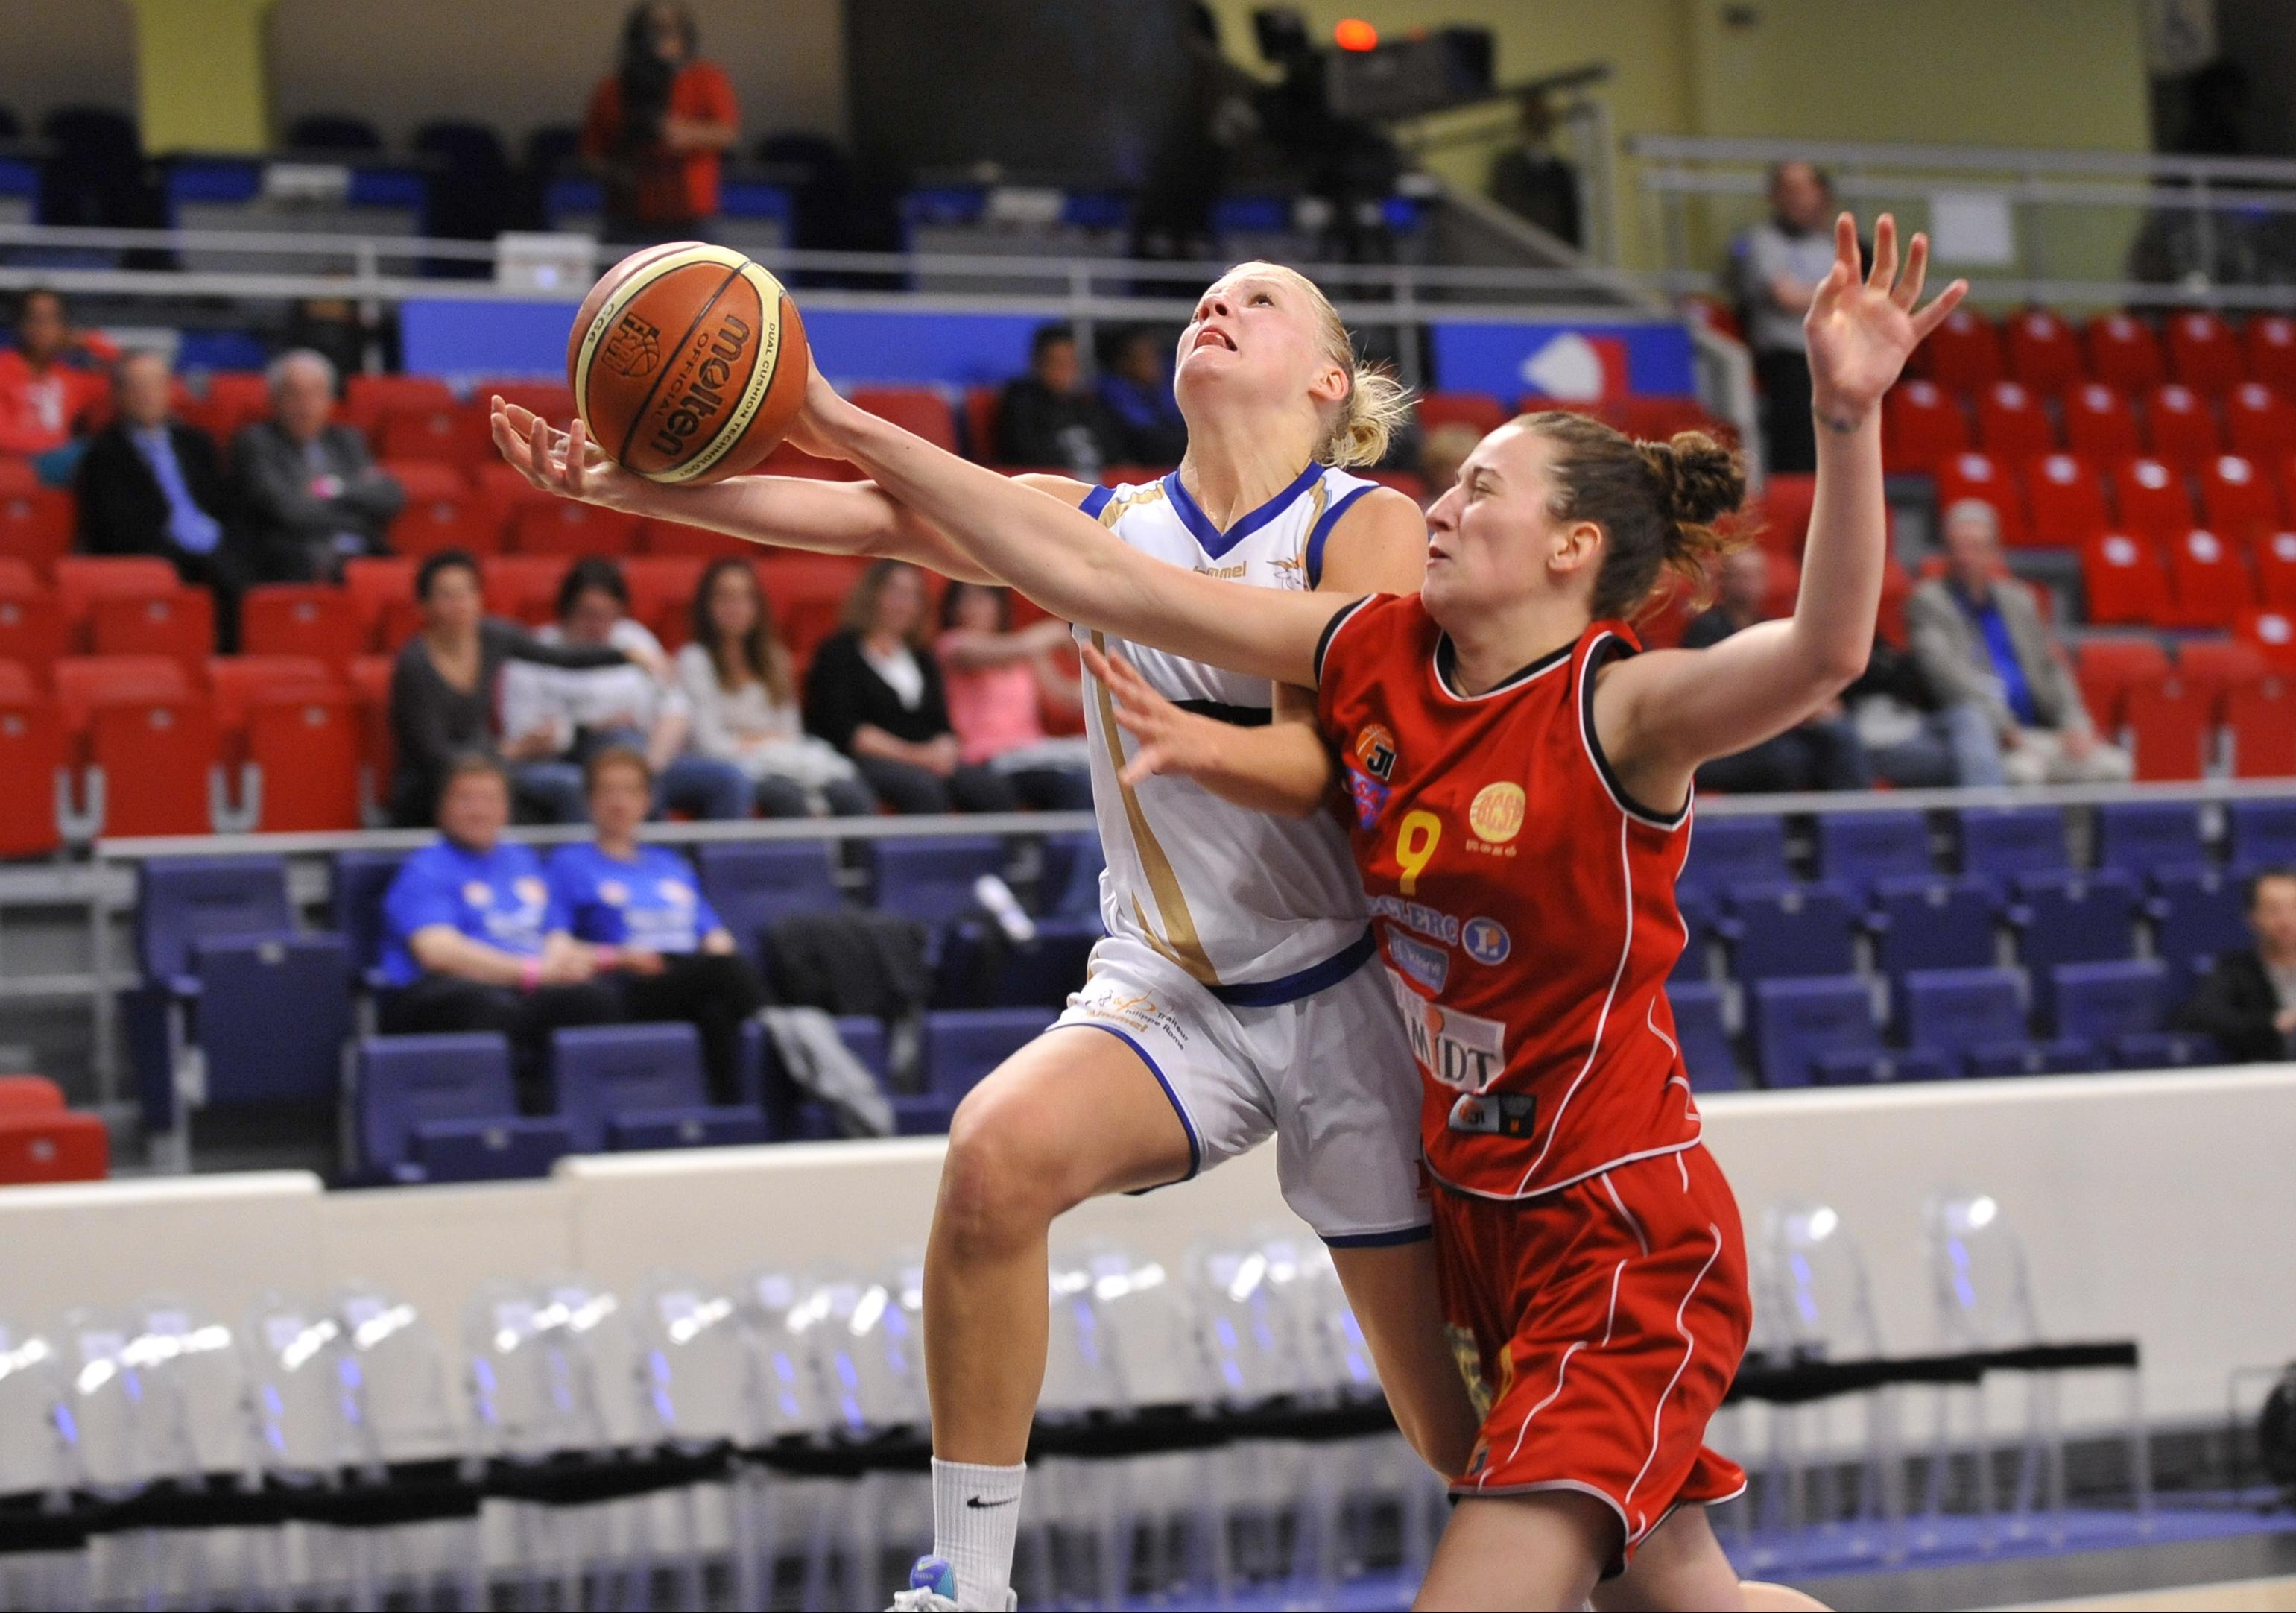 Finale troph e f minin geispolsheim rez ffbb - Finale coupe de france basket feminin ...